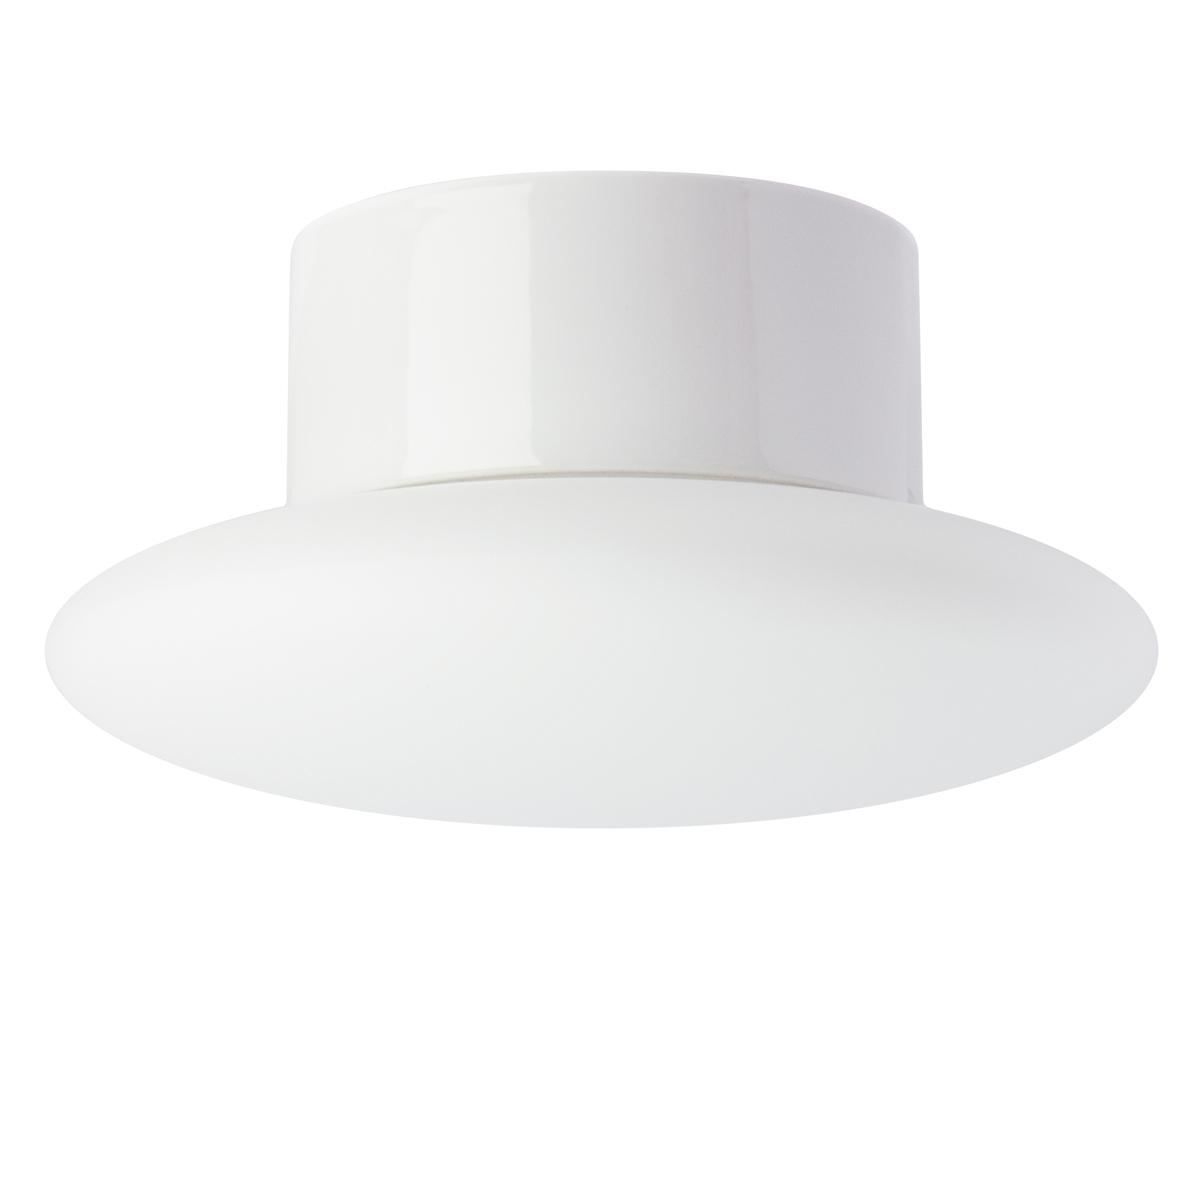 Plafonnier salle de bain lumiere du jour for Lampe plafond salle de bain